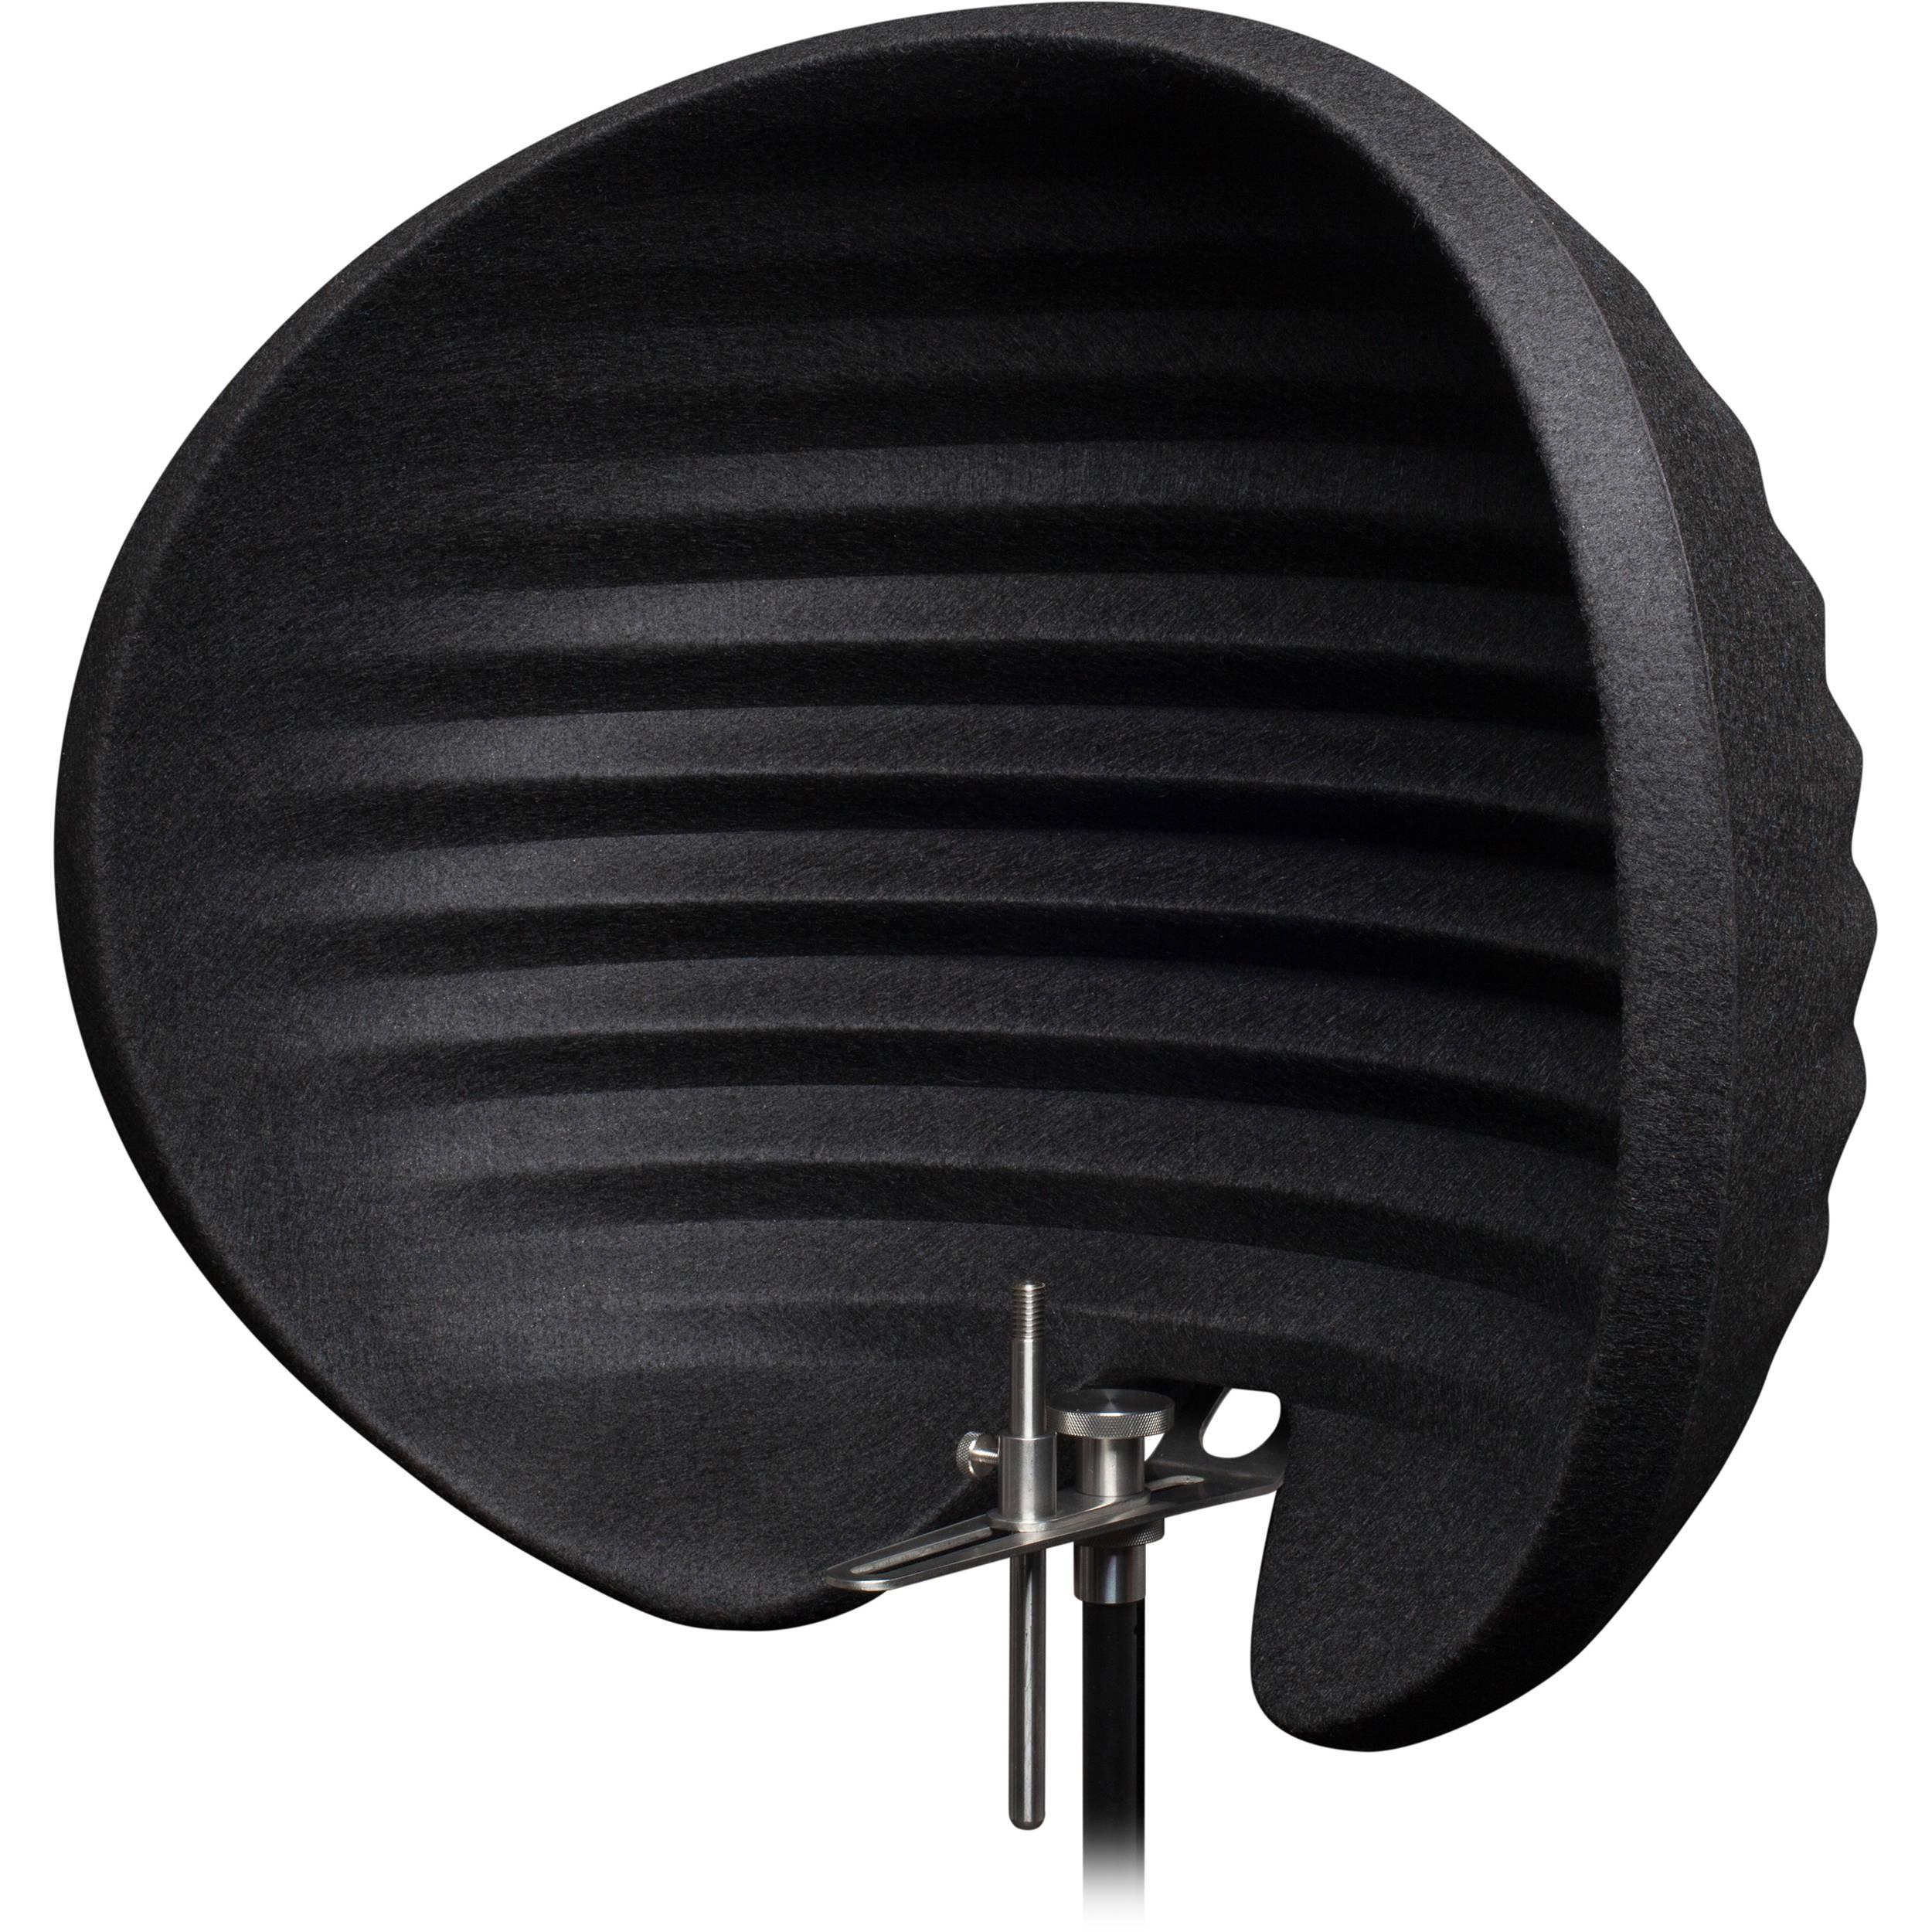 aston microphones halo reflection filter black ast halo blk b h. Black Bedroom Furniture Sets. Home Design Ideas